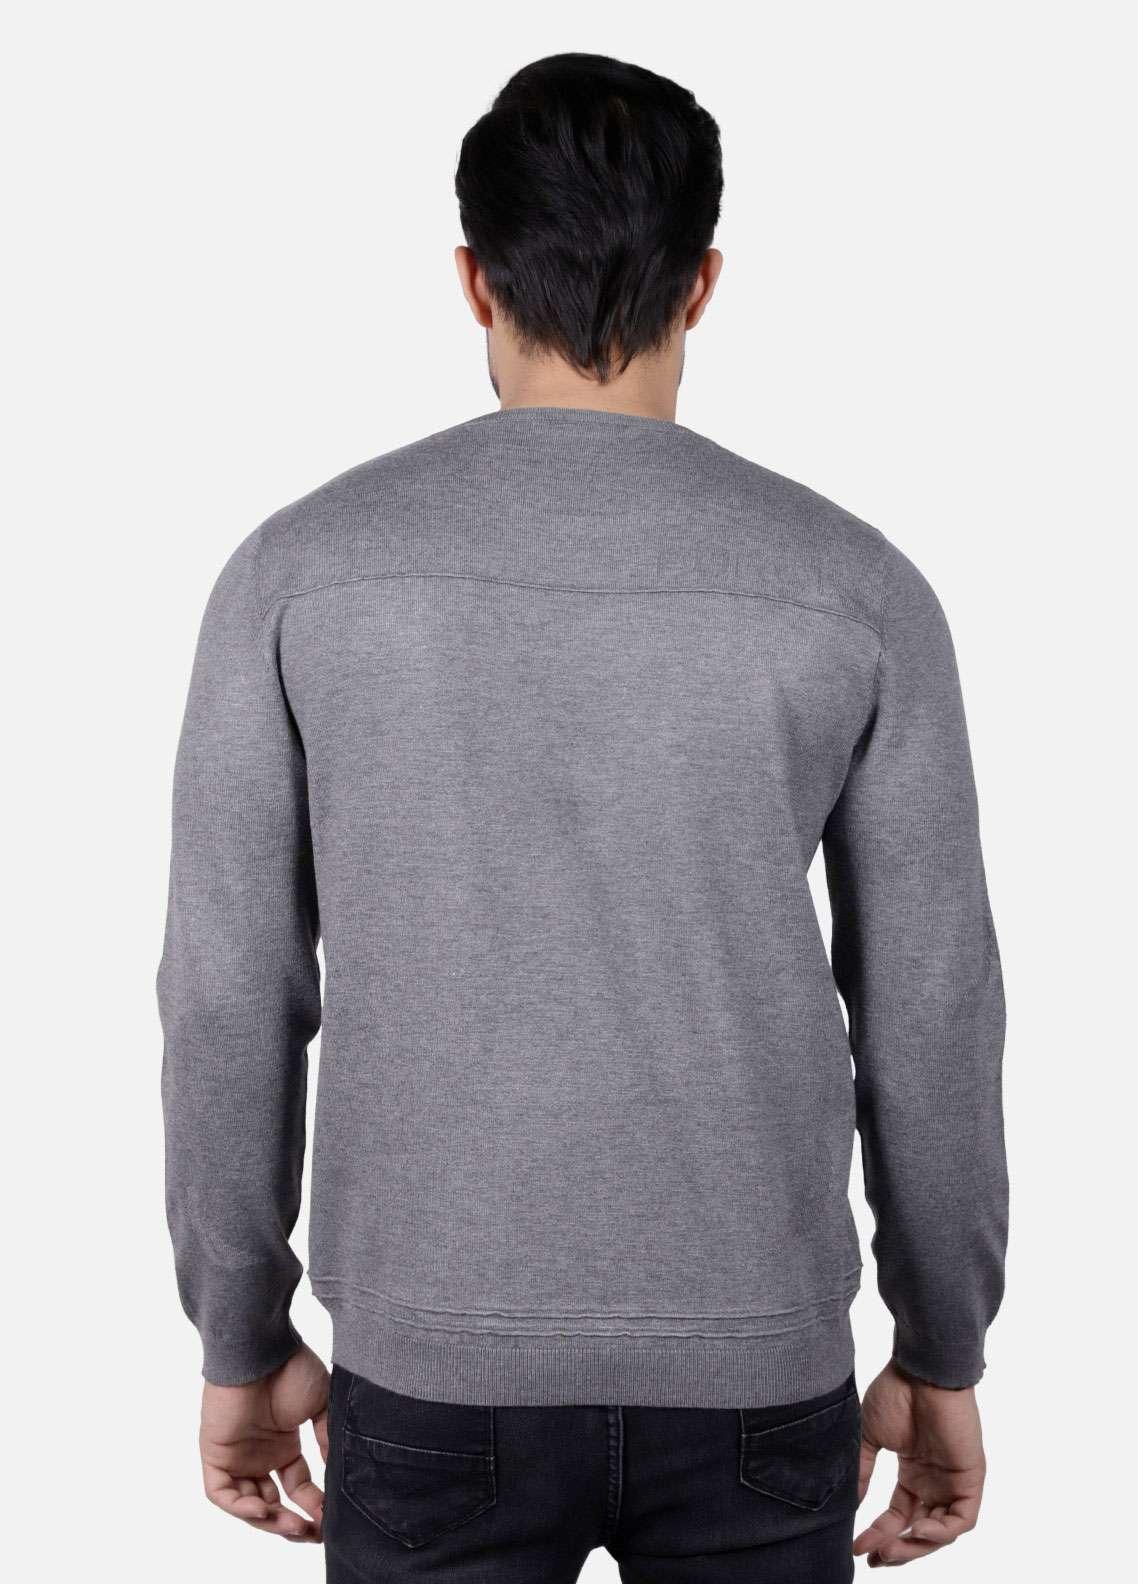 Furor Jersey Casual Sweatshirts for Men - Grey 017223